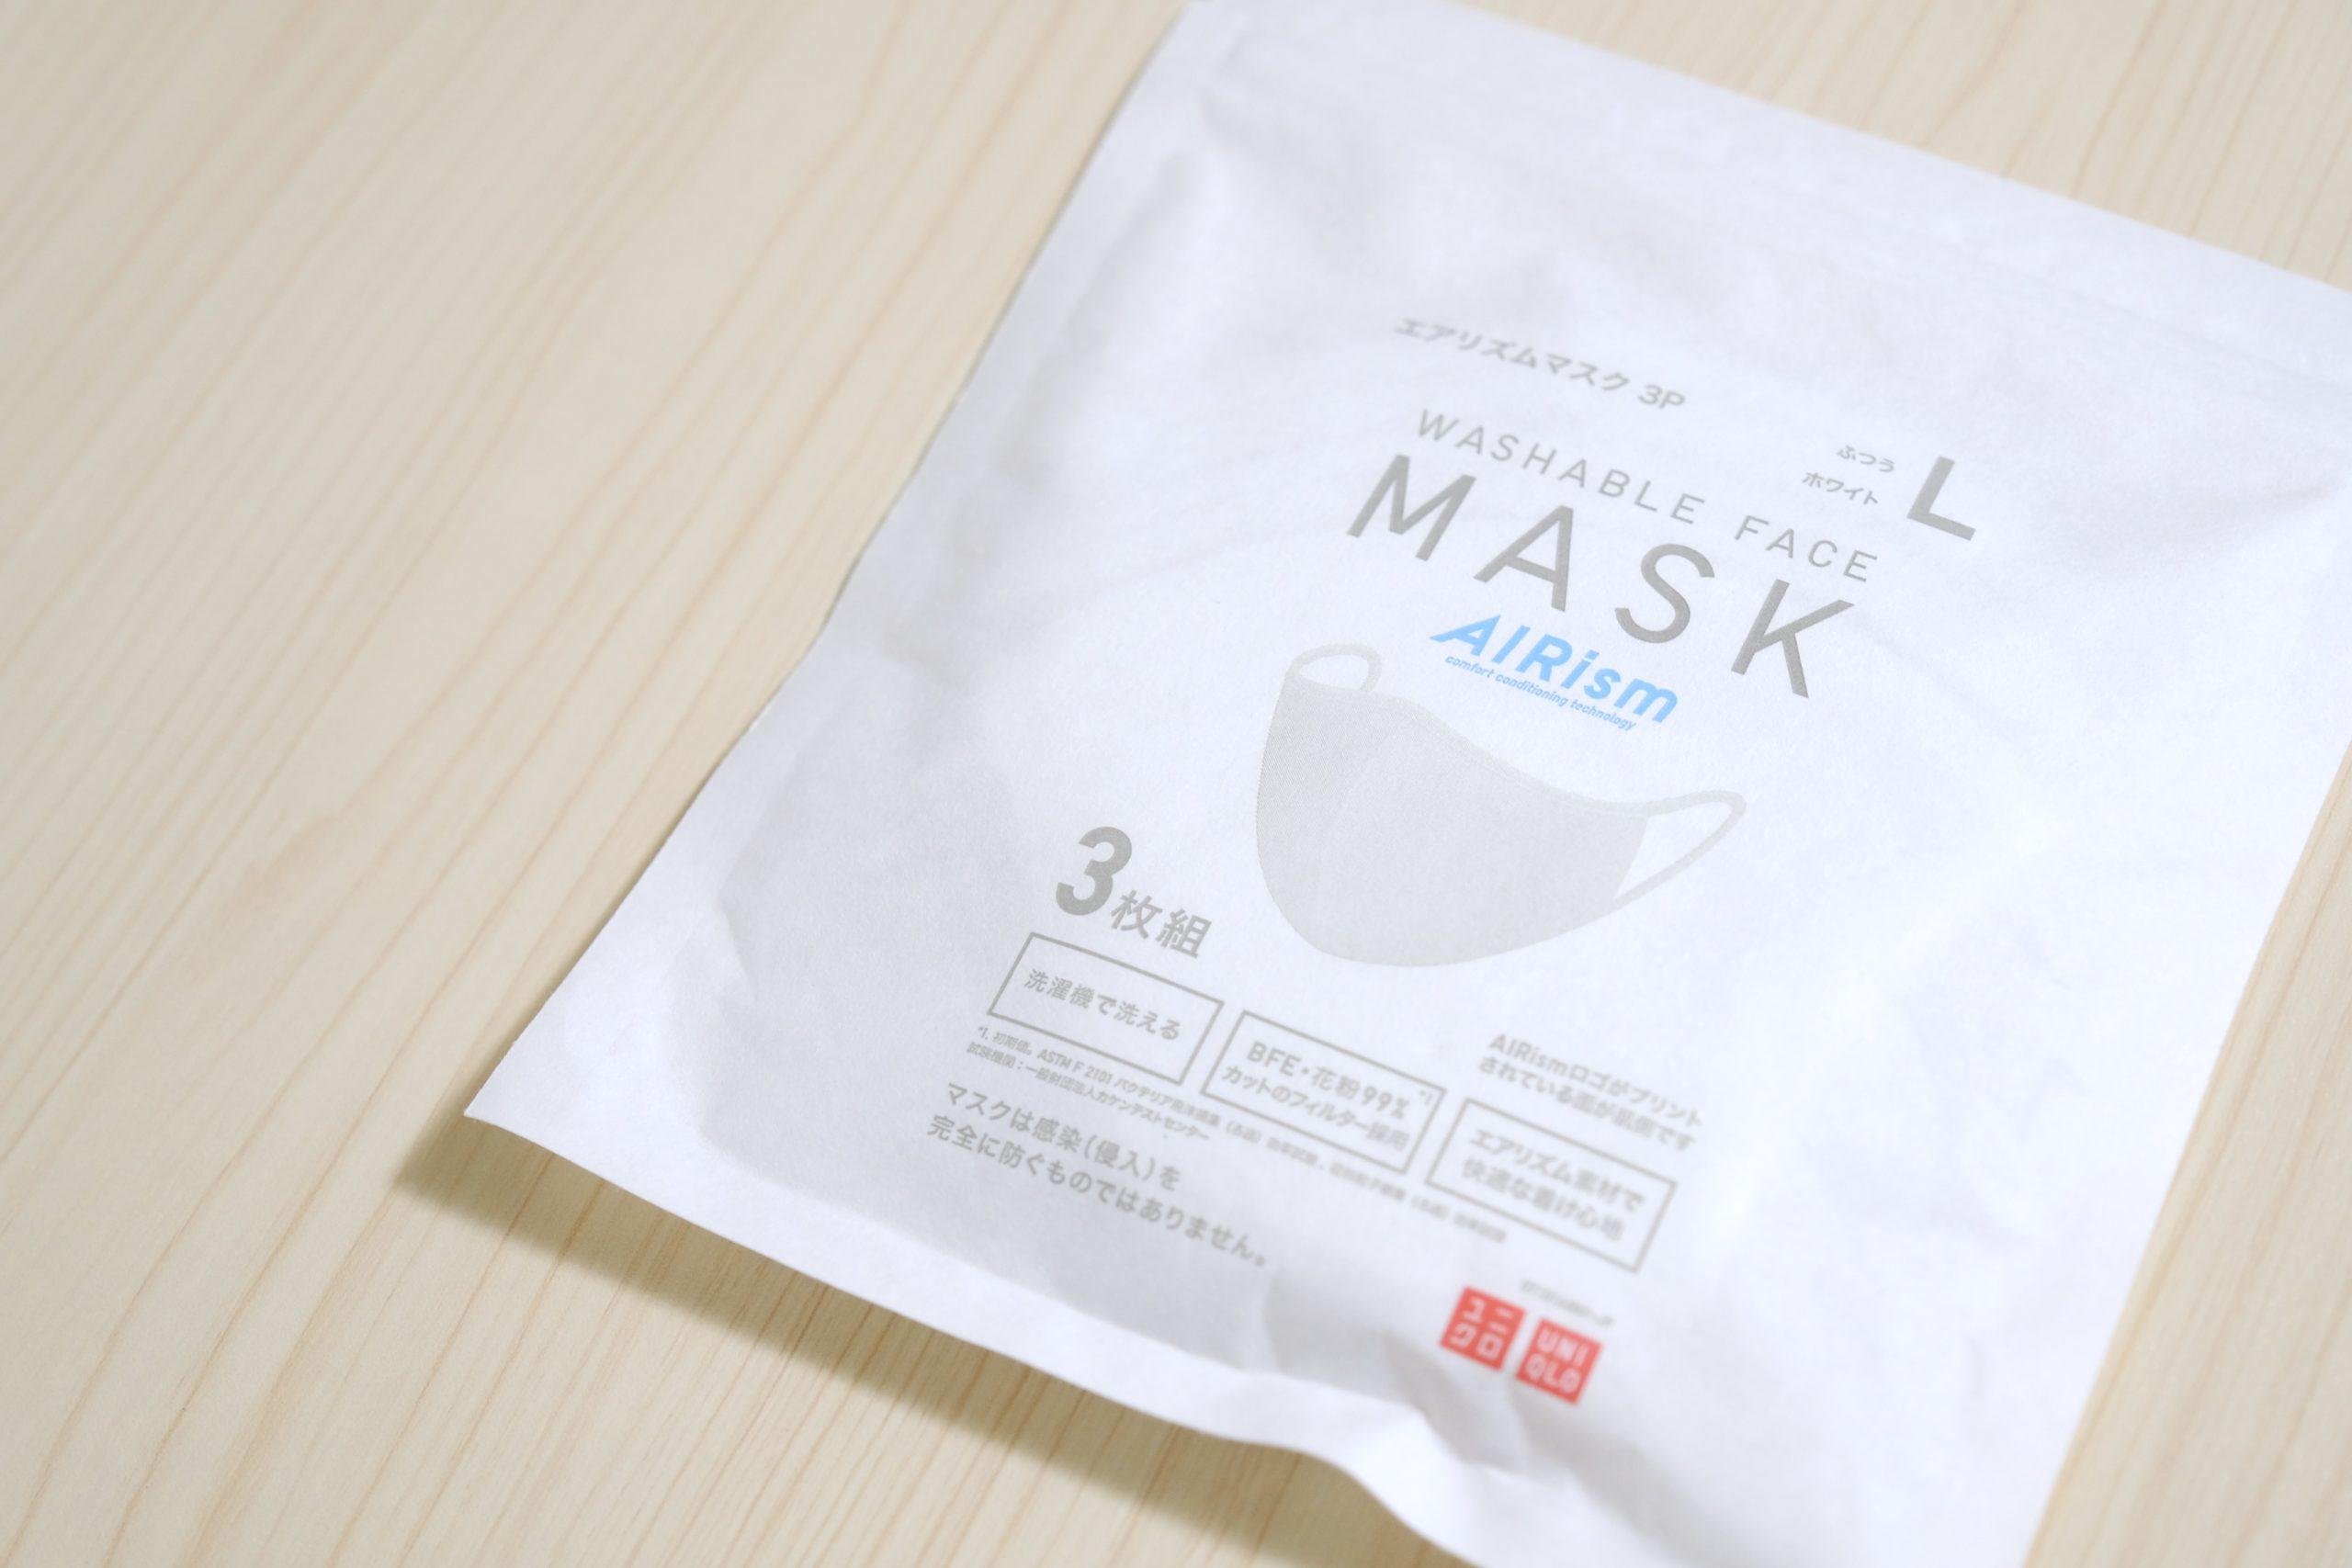 【ユニクロ】エアリズムマスク、ついに買えました